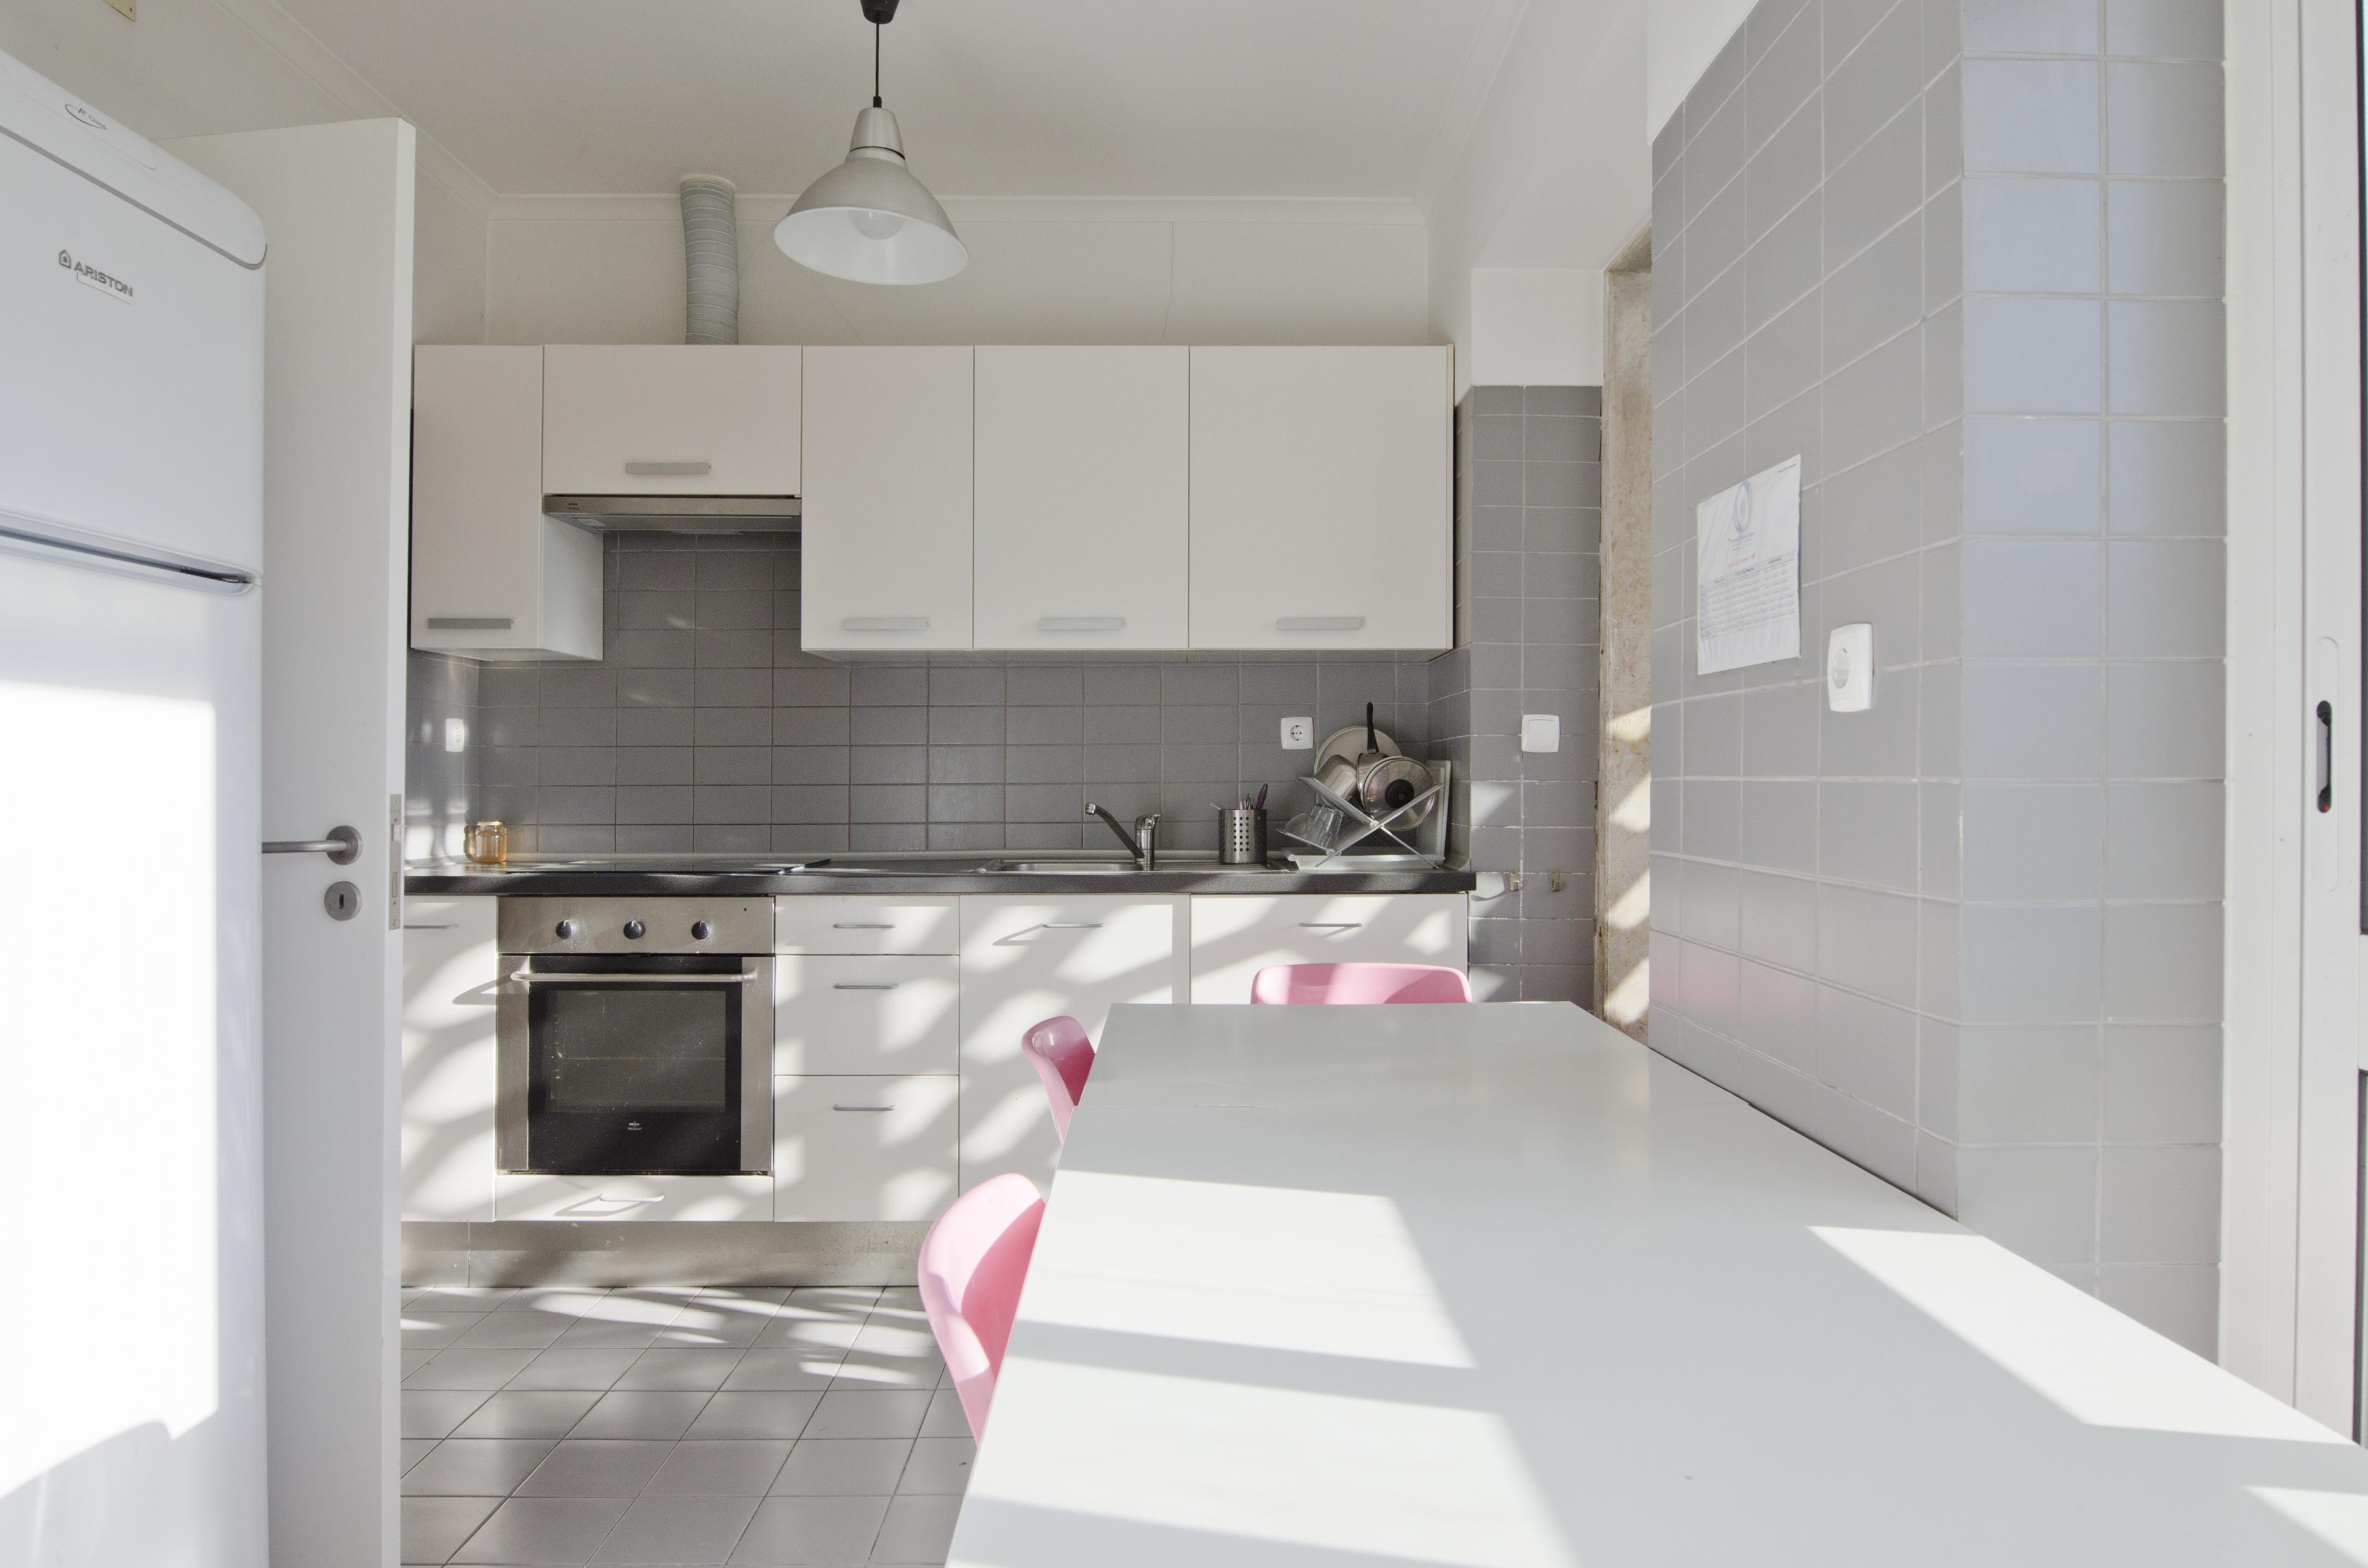 AB - Cozinha.Kitchen Q1-Q8 - Foto 4.JPG